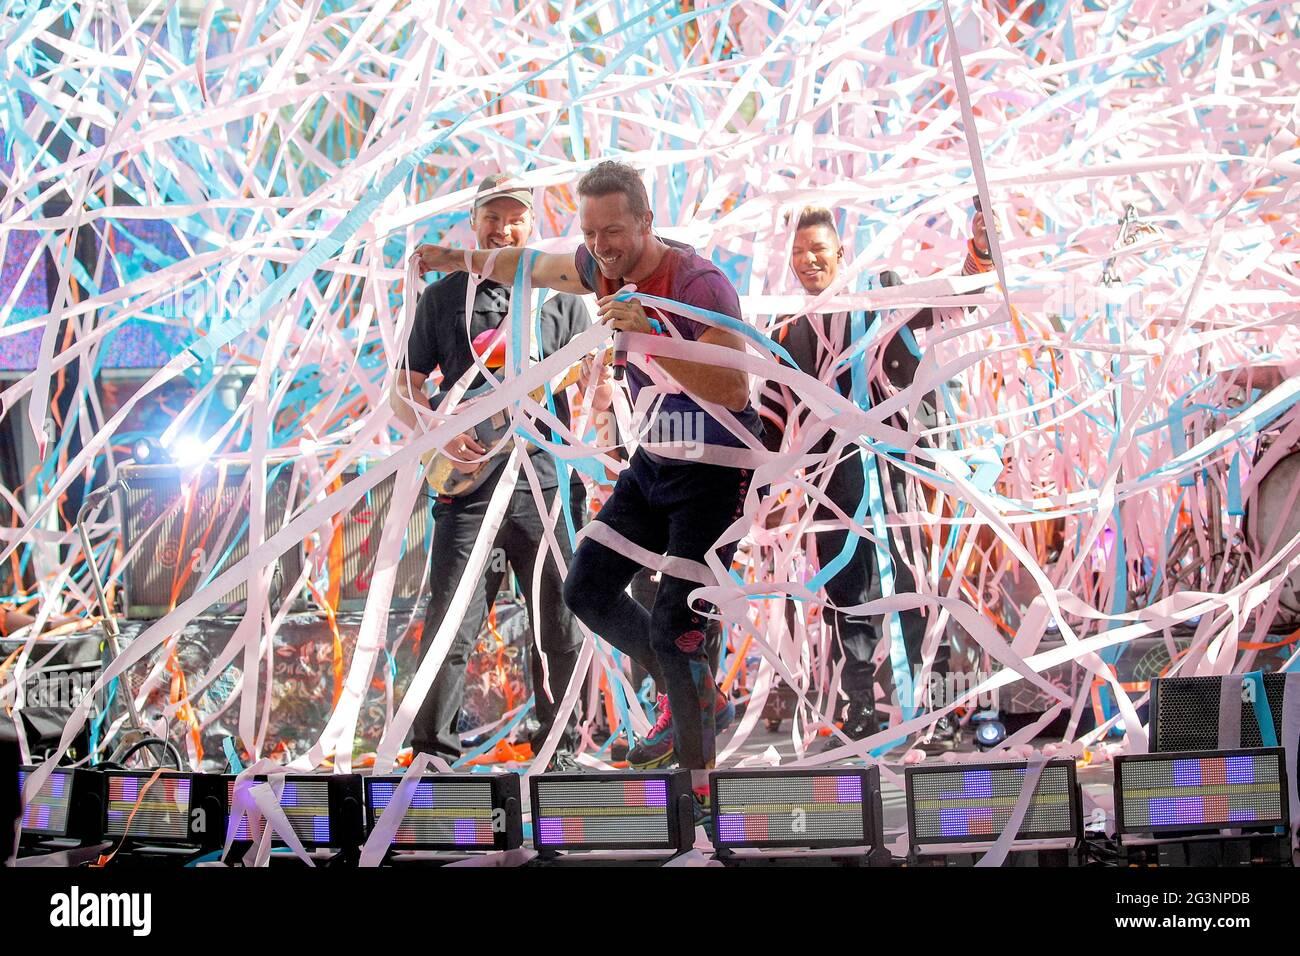 Sänger Chris Martin tritt mit seiner Band Coldplay auf der NBC Today Show in New York City, USA, 17. Juni 2021 auf. REUTERS/Brendan McDermid Stockfoto